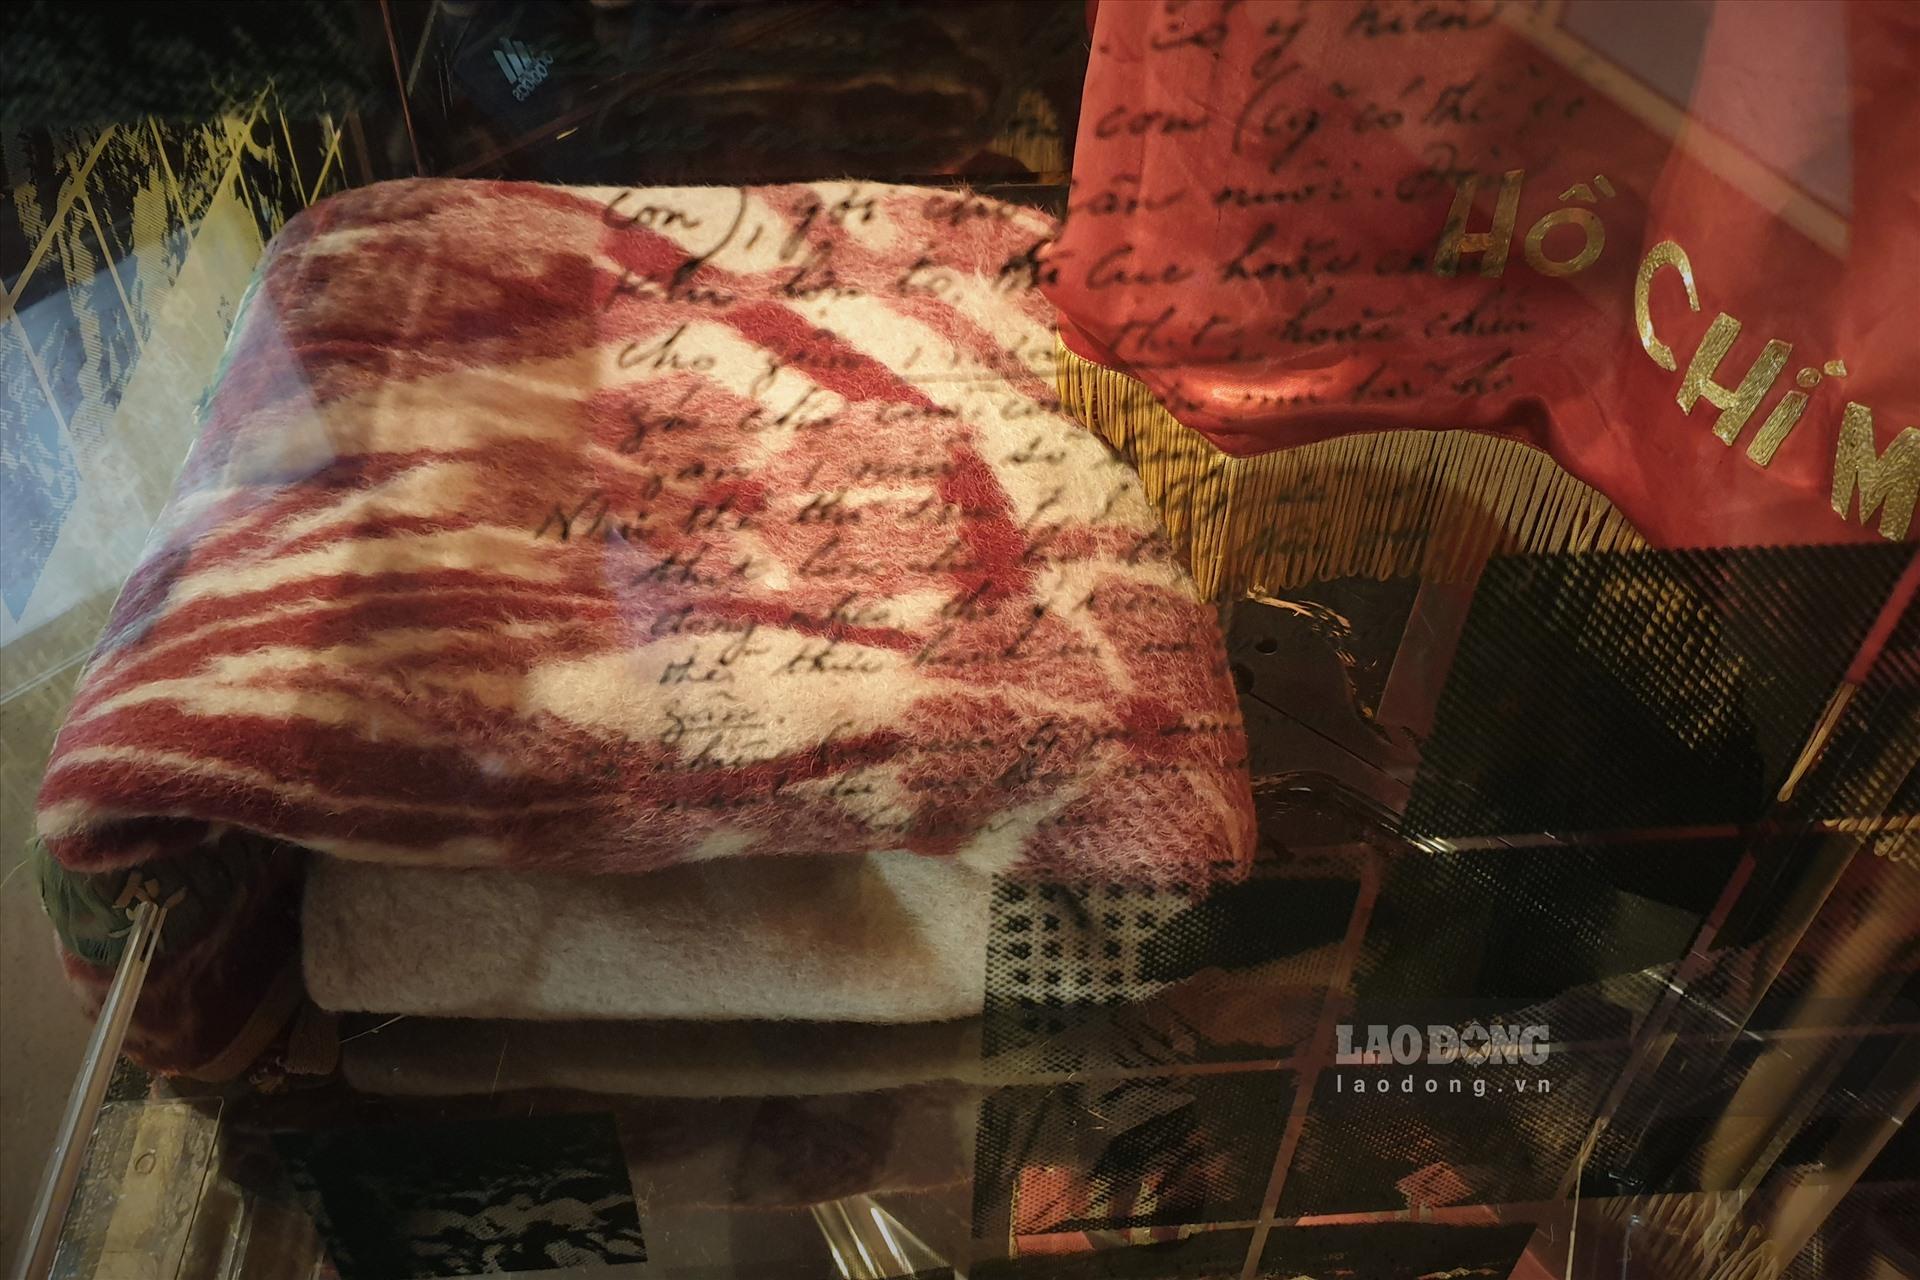 Chiếc chăn len Chủ tịch Hồ Chí Minh dùng trong thời kỳ kháng chiến chống thực dân Pháp xâm lược.